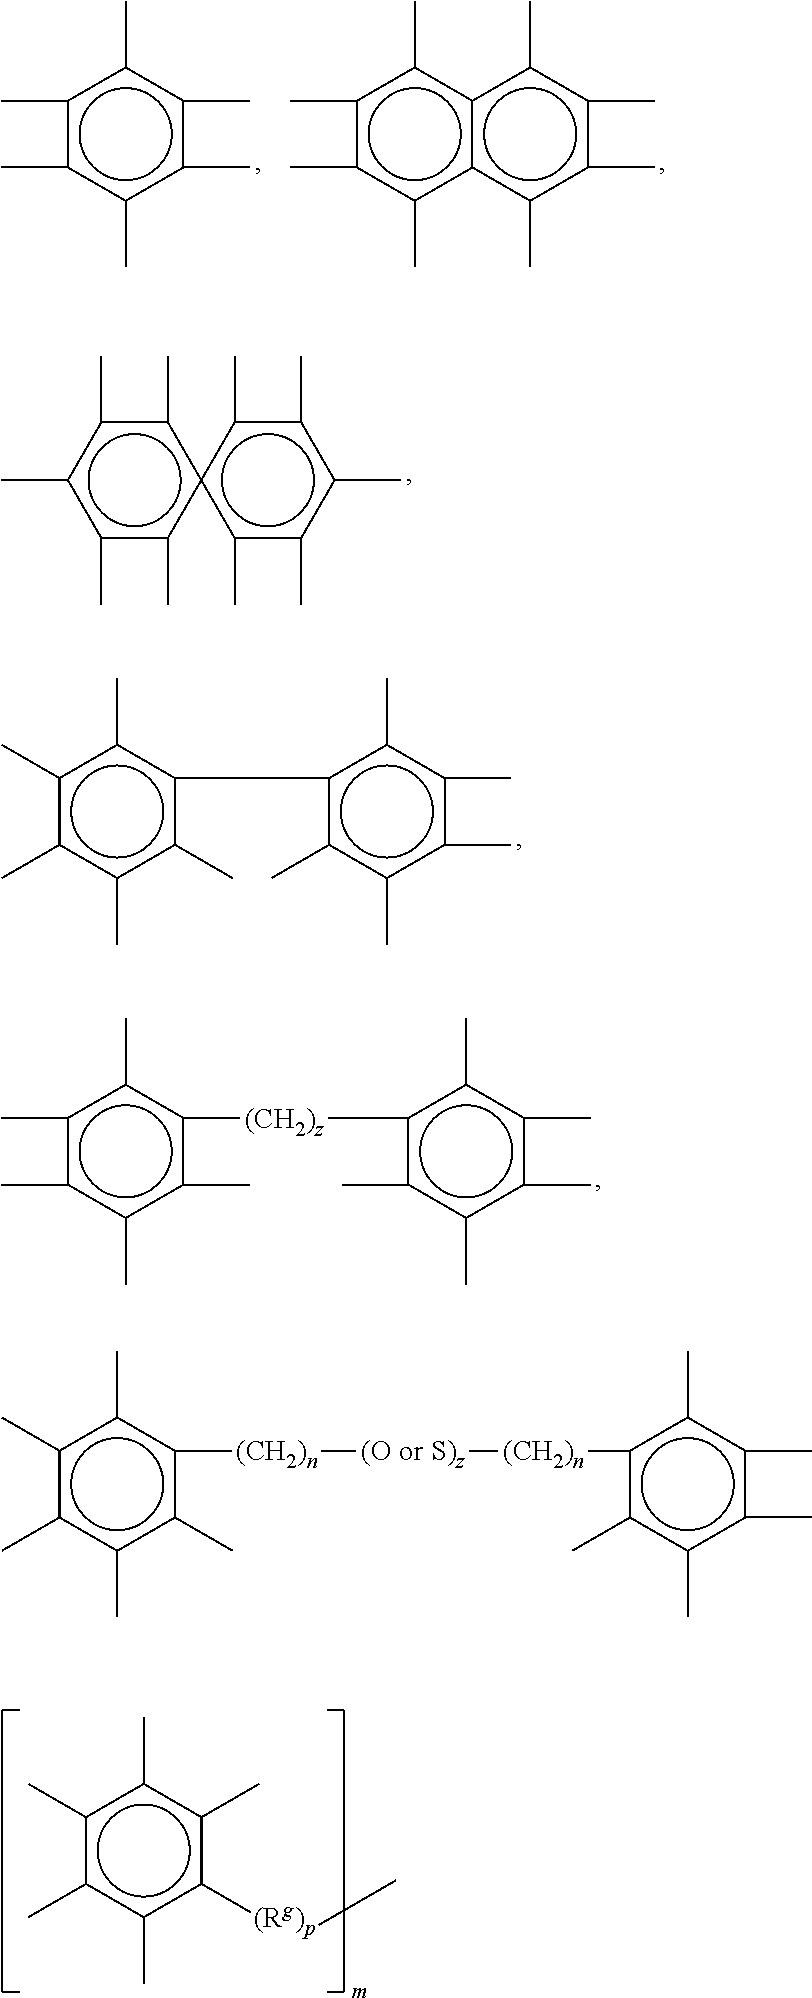 Figure US08367593-20130205-C00010